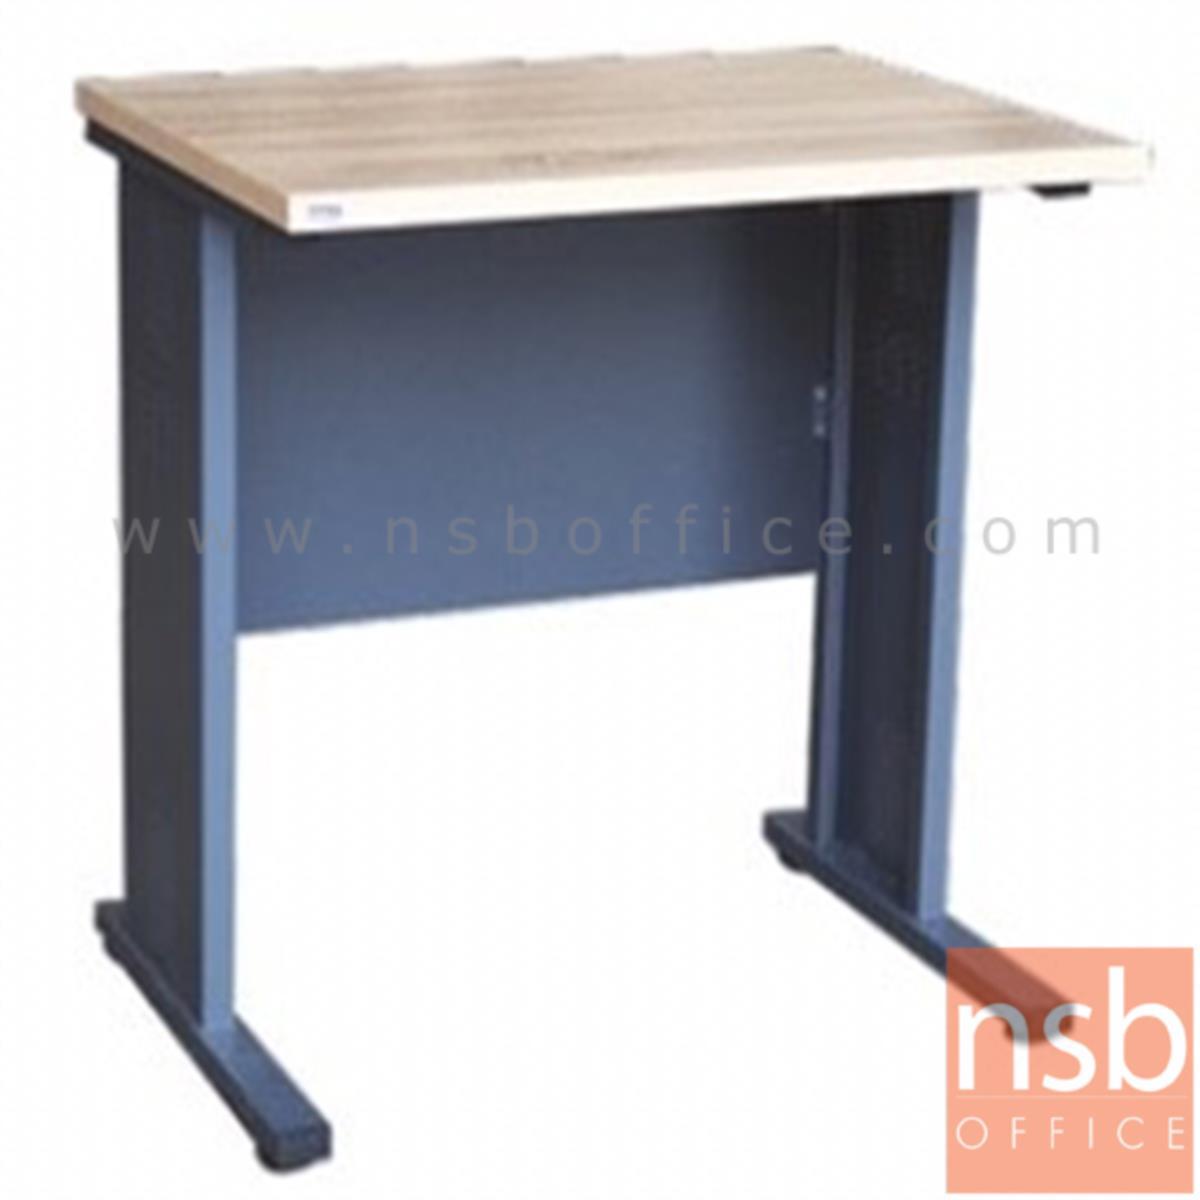 A10A063:โต๊ะทำงาน  รุ่น Carrow (แคร์โรว์) ขนาด 80W cm. ขาเหล็ก สีโซลิคตัดเทาเข้มหรือสีมูจิตัดเทาเข้ม